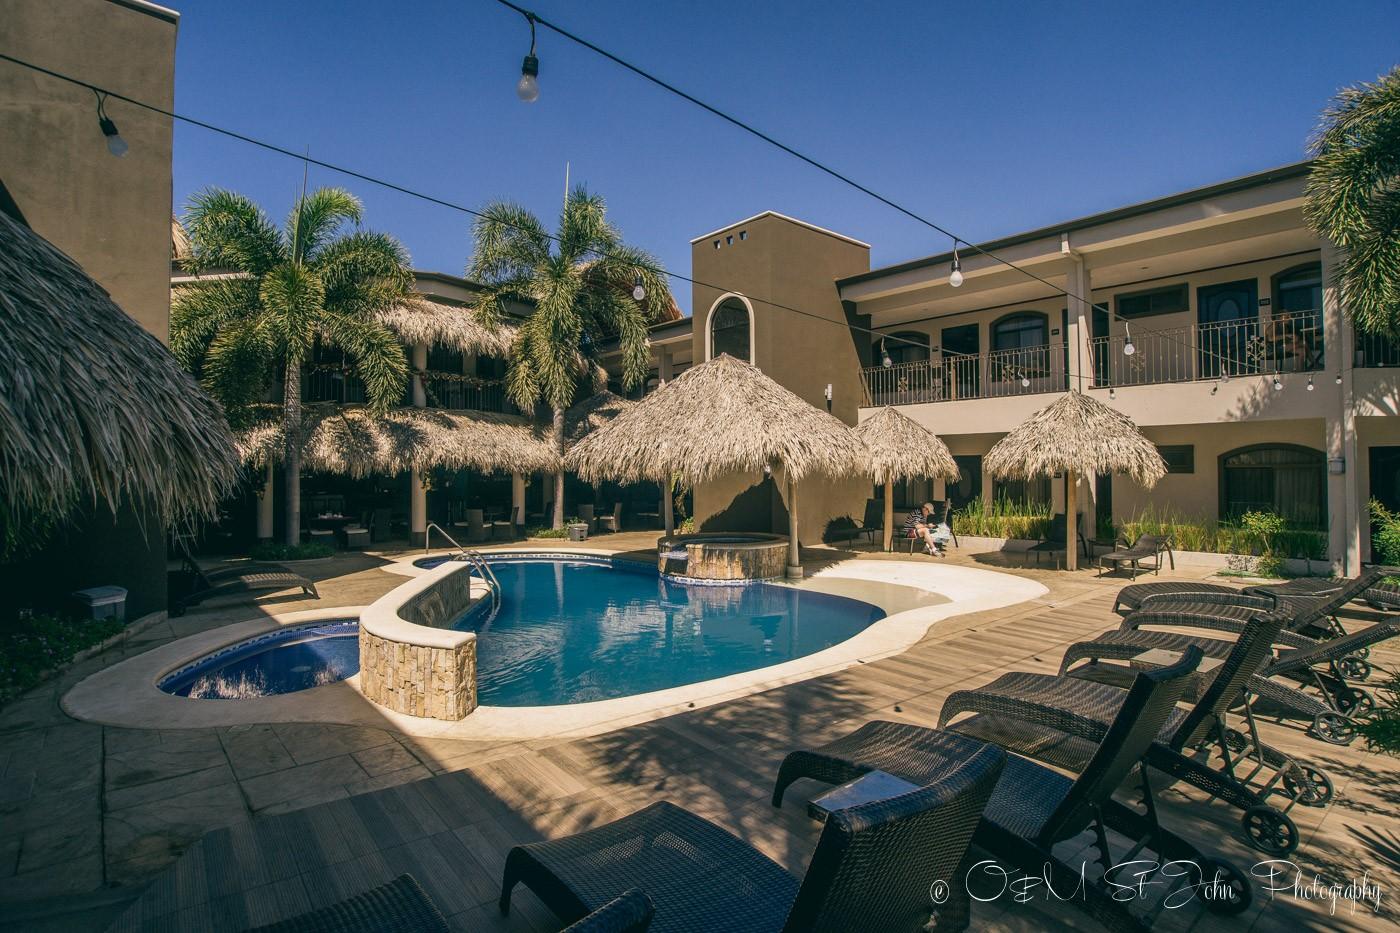 Hotel Colono Beach in Playa del Cocos. Guanacaste. Costa Rica